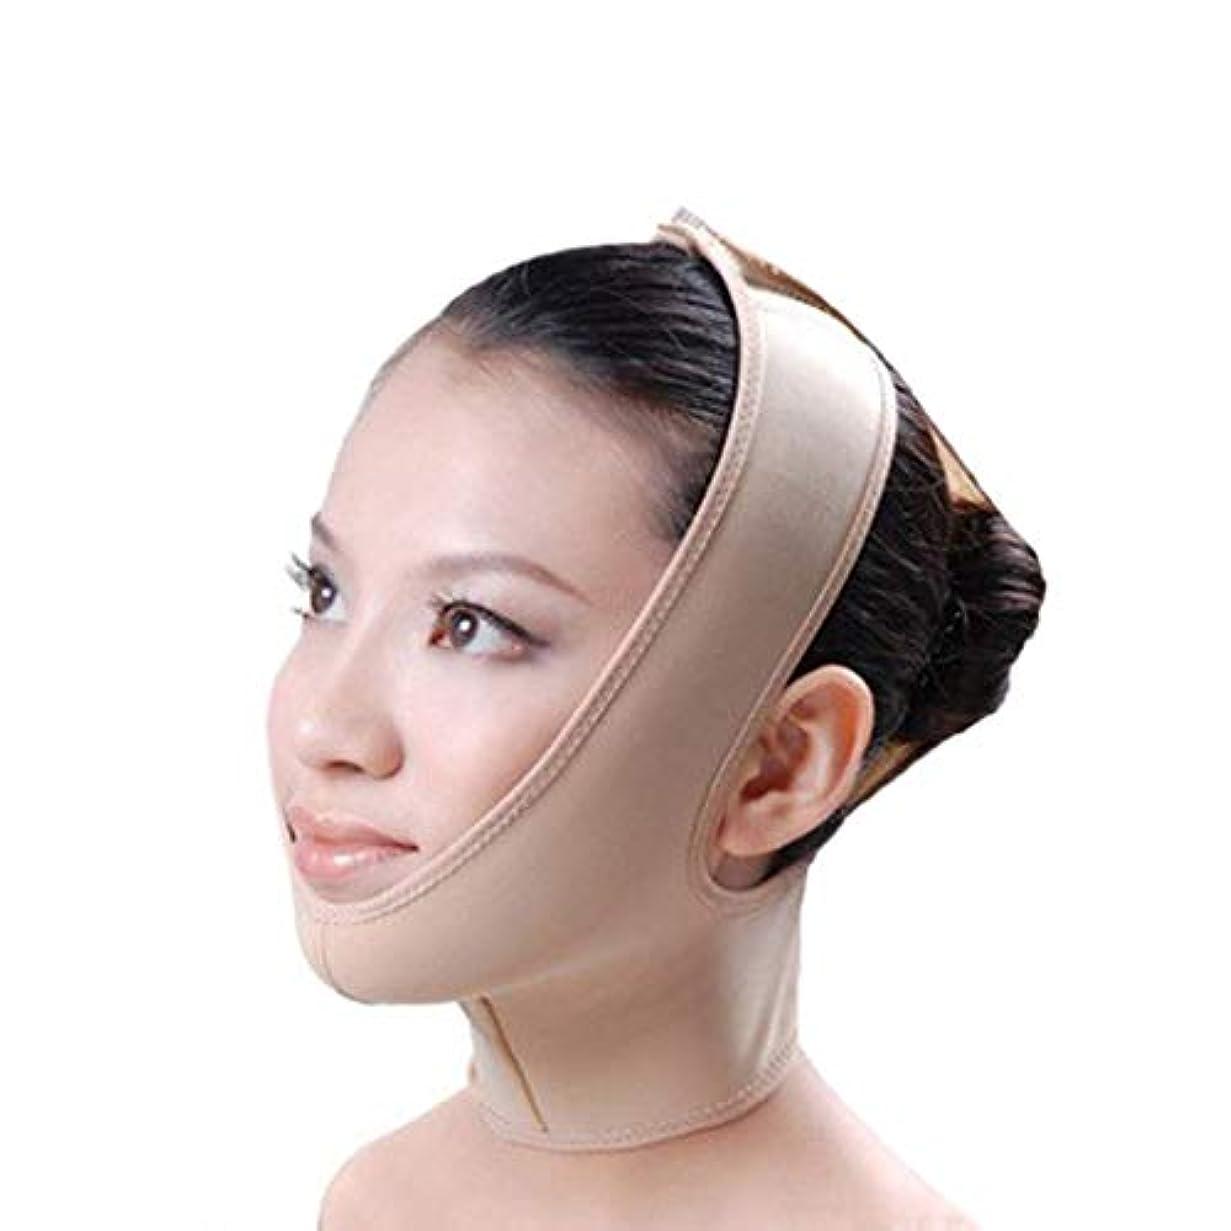 ロードハウス大観光に行くフェイススリム、リフティングマスク、包帯リフト、二重あご、引き締めフェイシャルリフト、フェイシャル減量マスク、リフティングスキン包帯(サイズ:XL),M